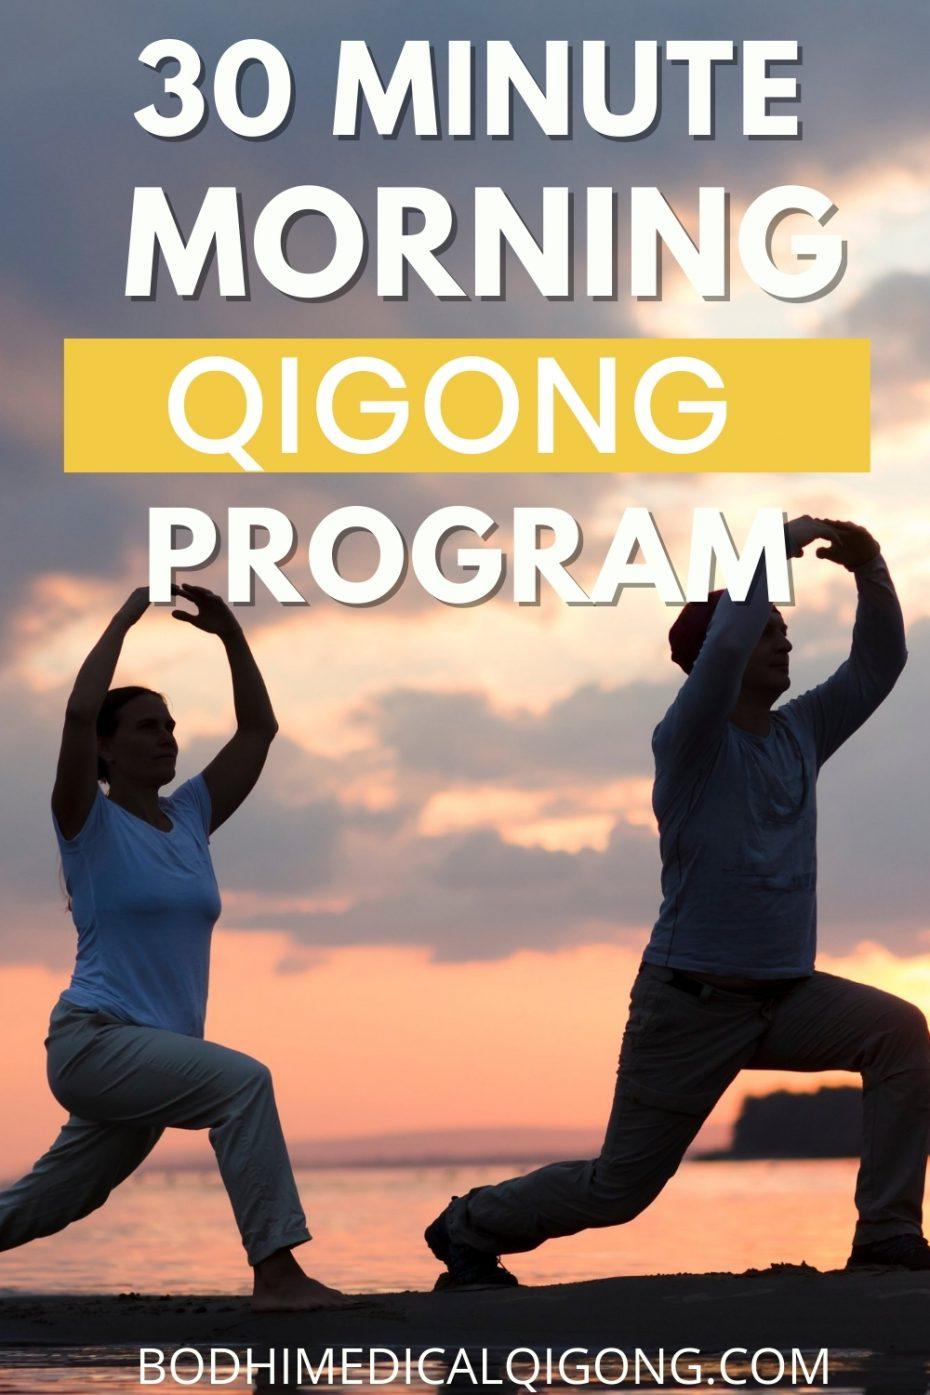 morning-qigong-program-PIN